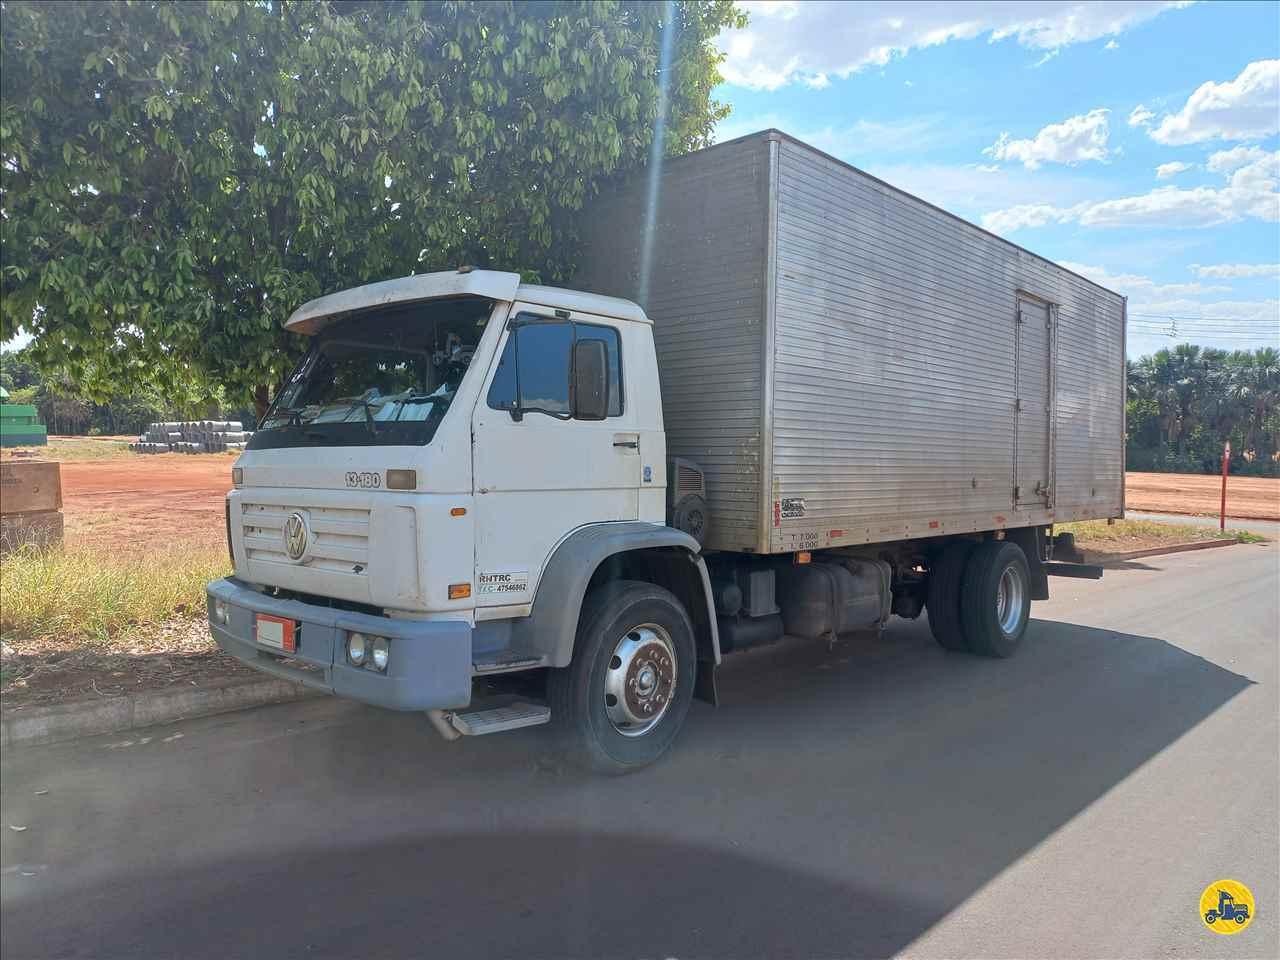 CAMINHAO VOLKSWAGEN VW 13180 Baú Furgão Toco 4x2 André Caminhões RIO VERDE GOIAS GO